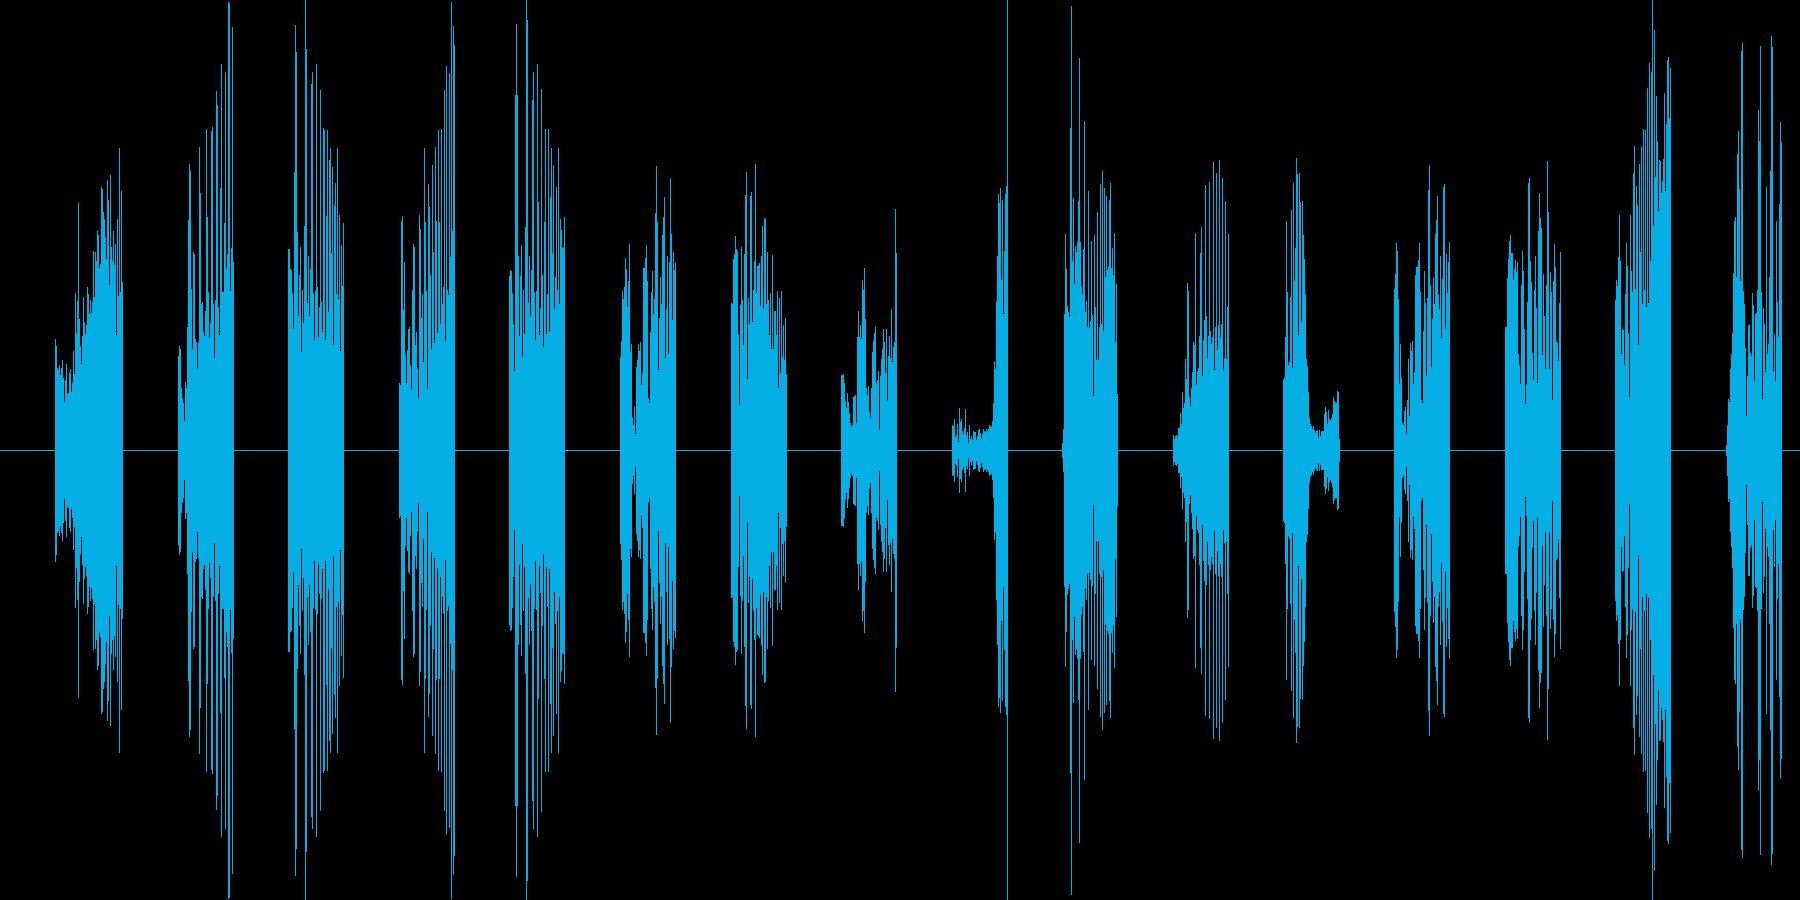 スクラッチ音の再生済みの波形